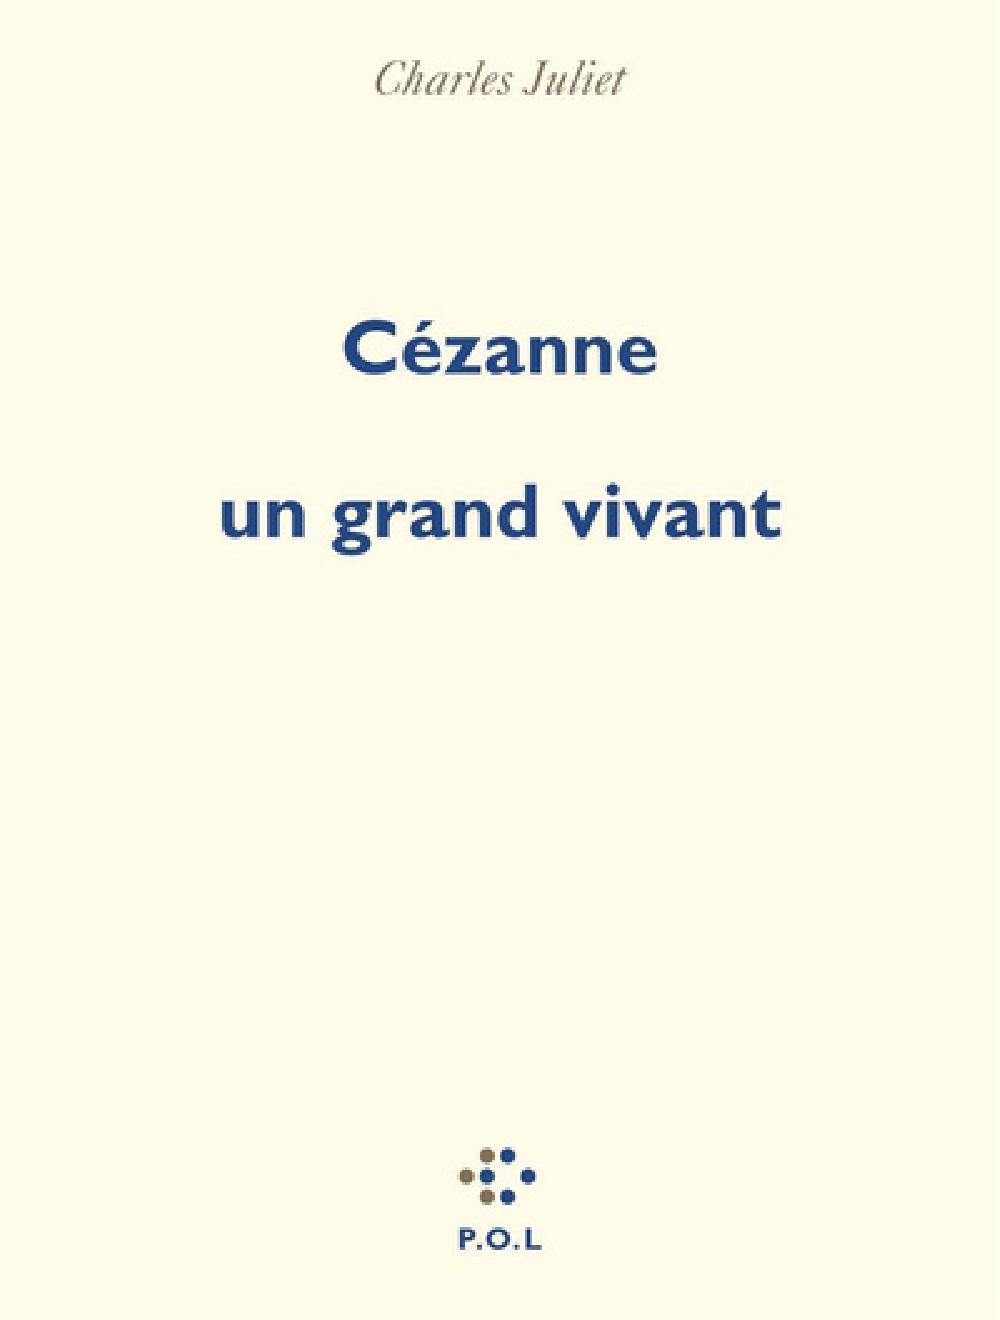 Cézanne, un grand vivant